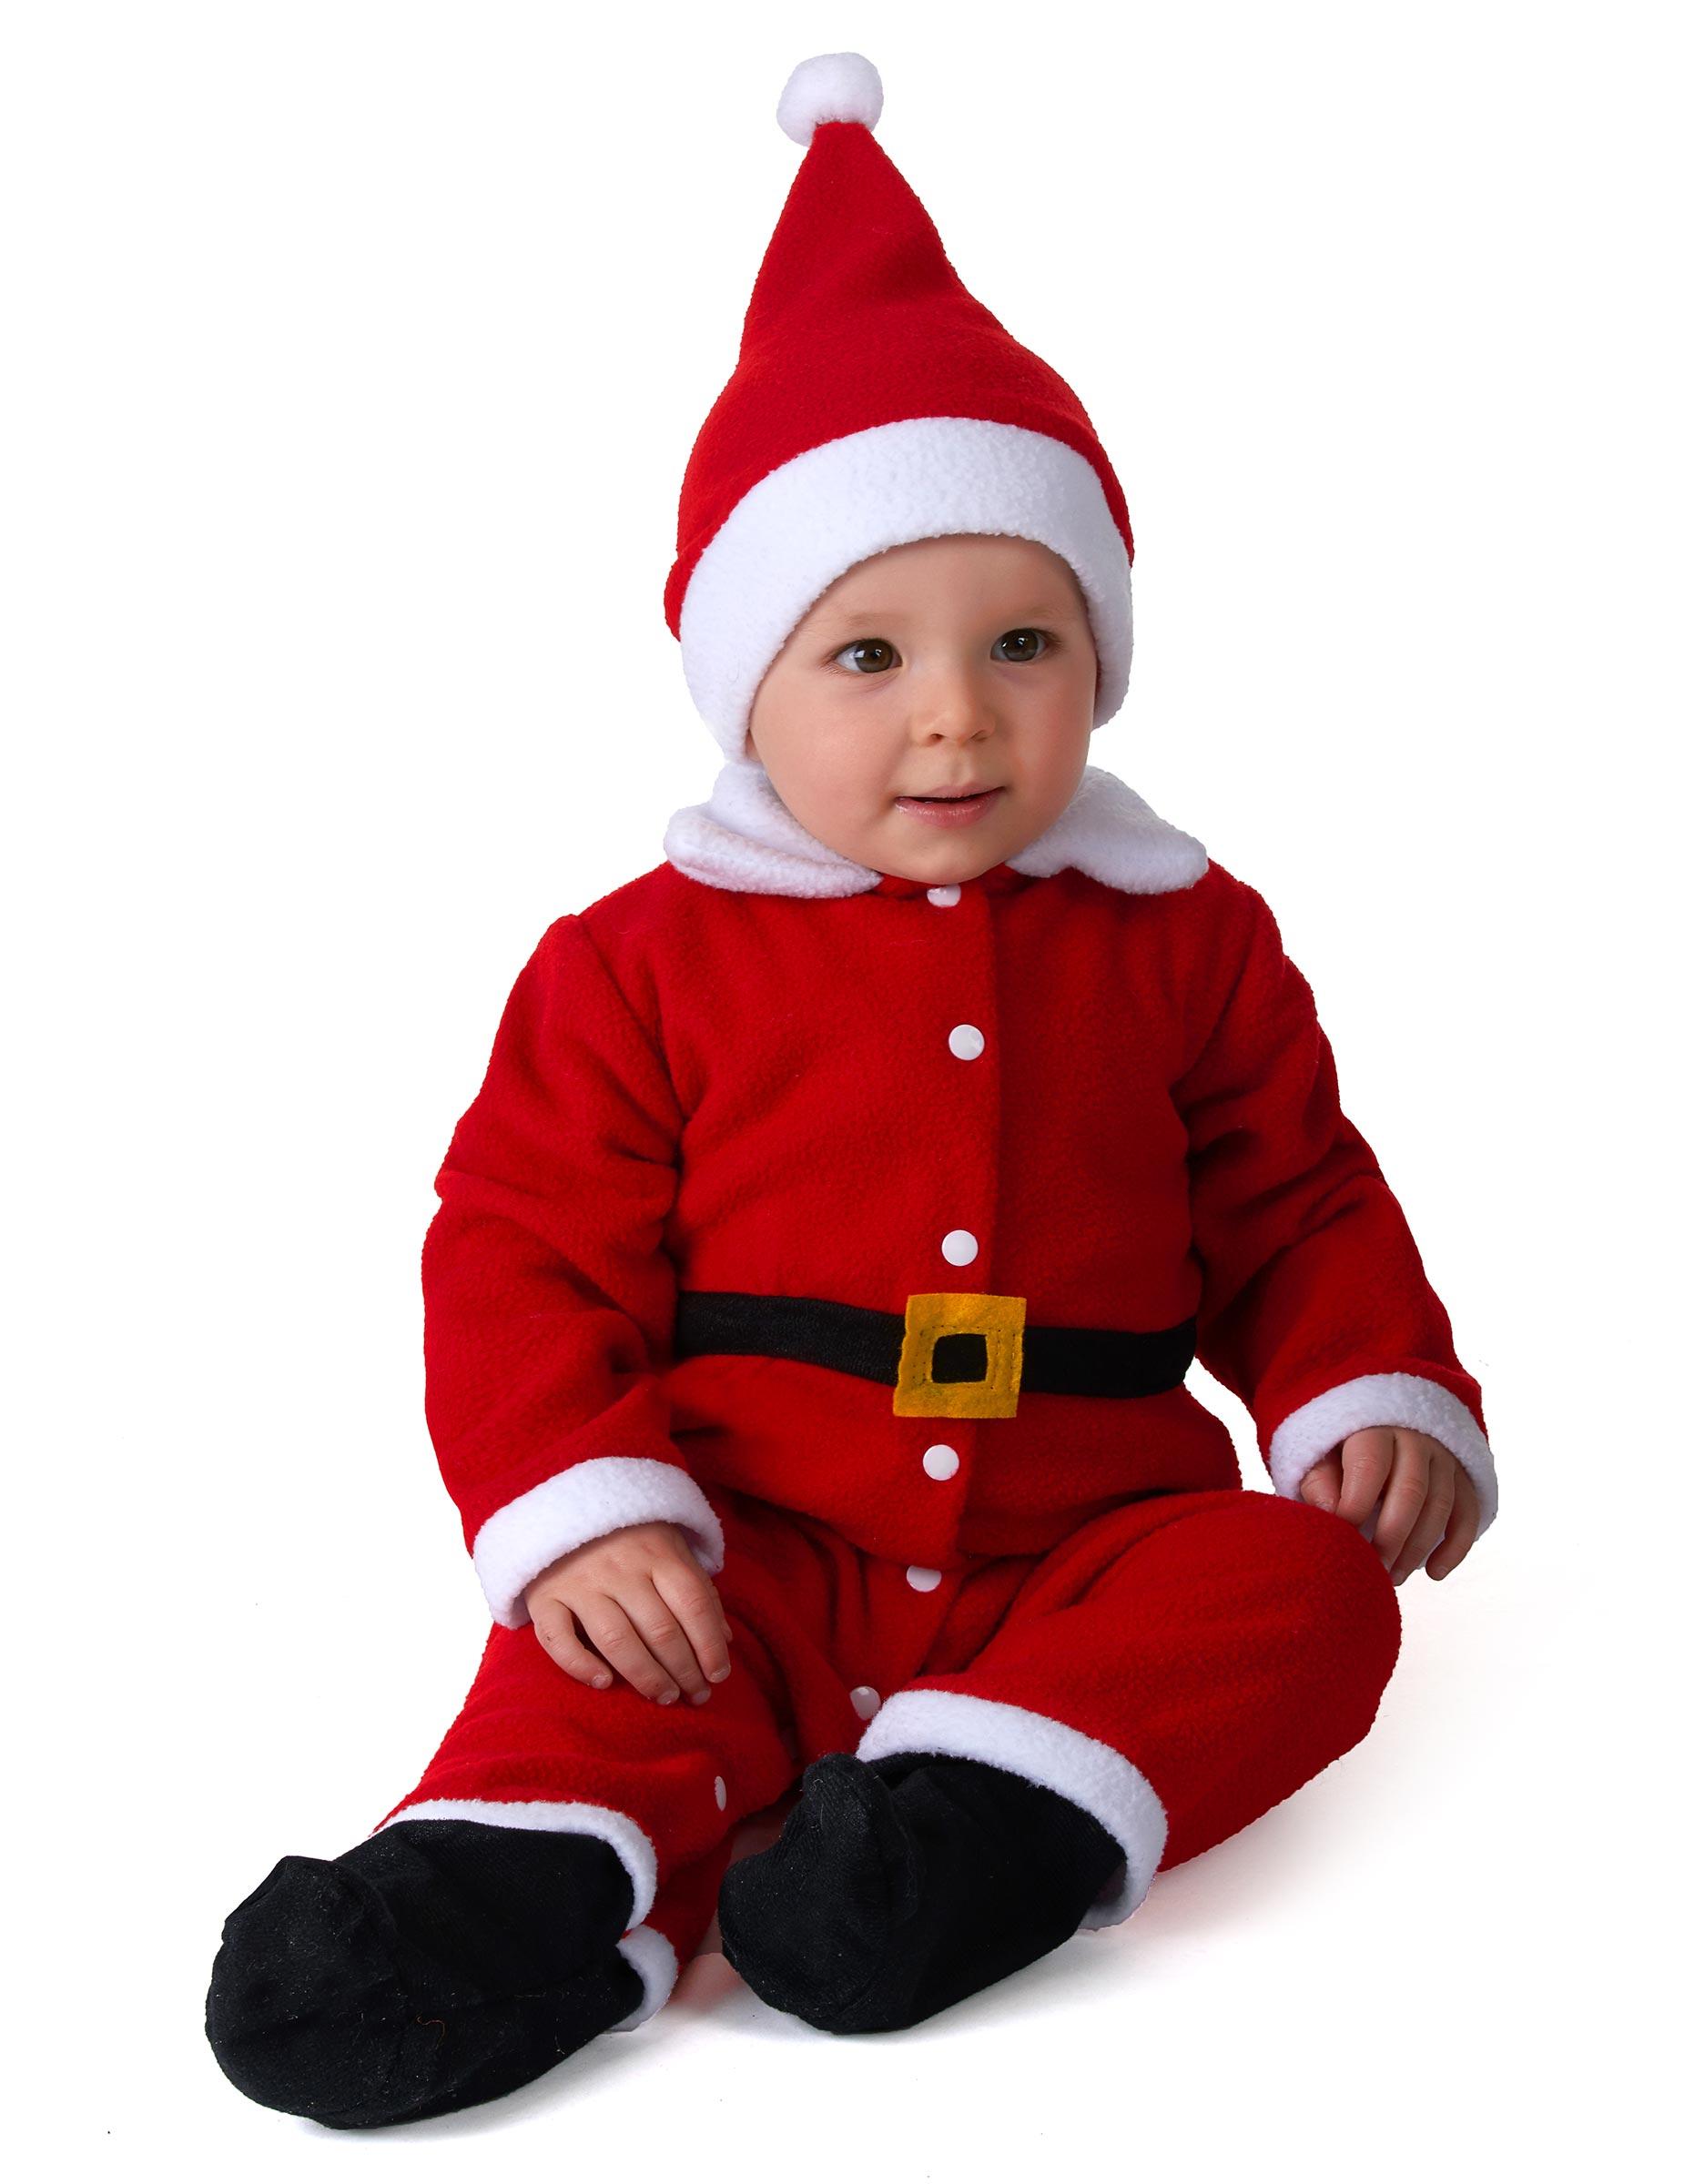 Disfraz de pap noel beb disfraces ni os y disfraces - Disfraz papa noel nino ...